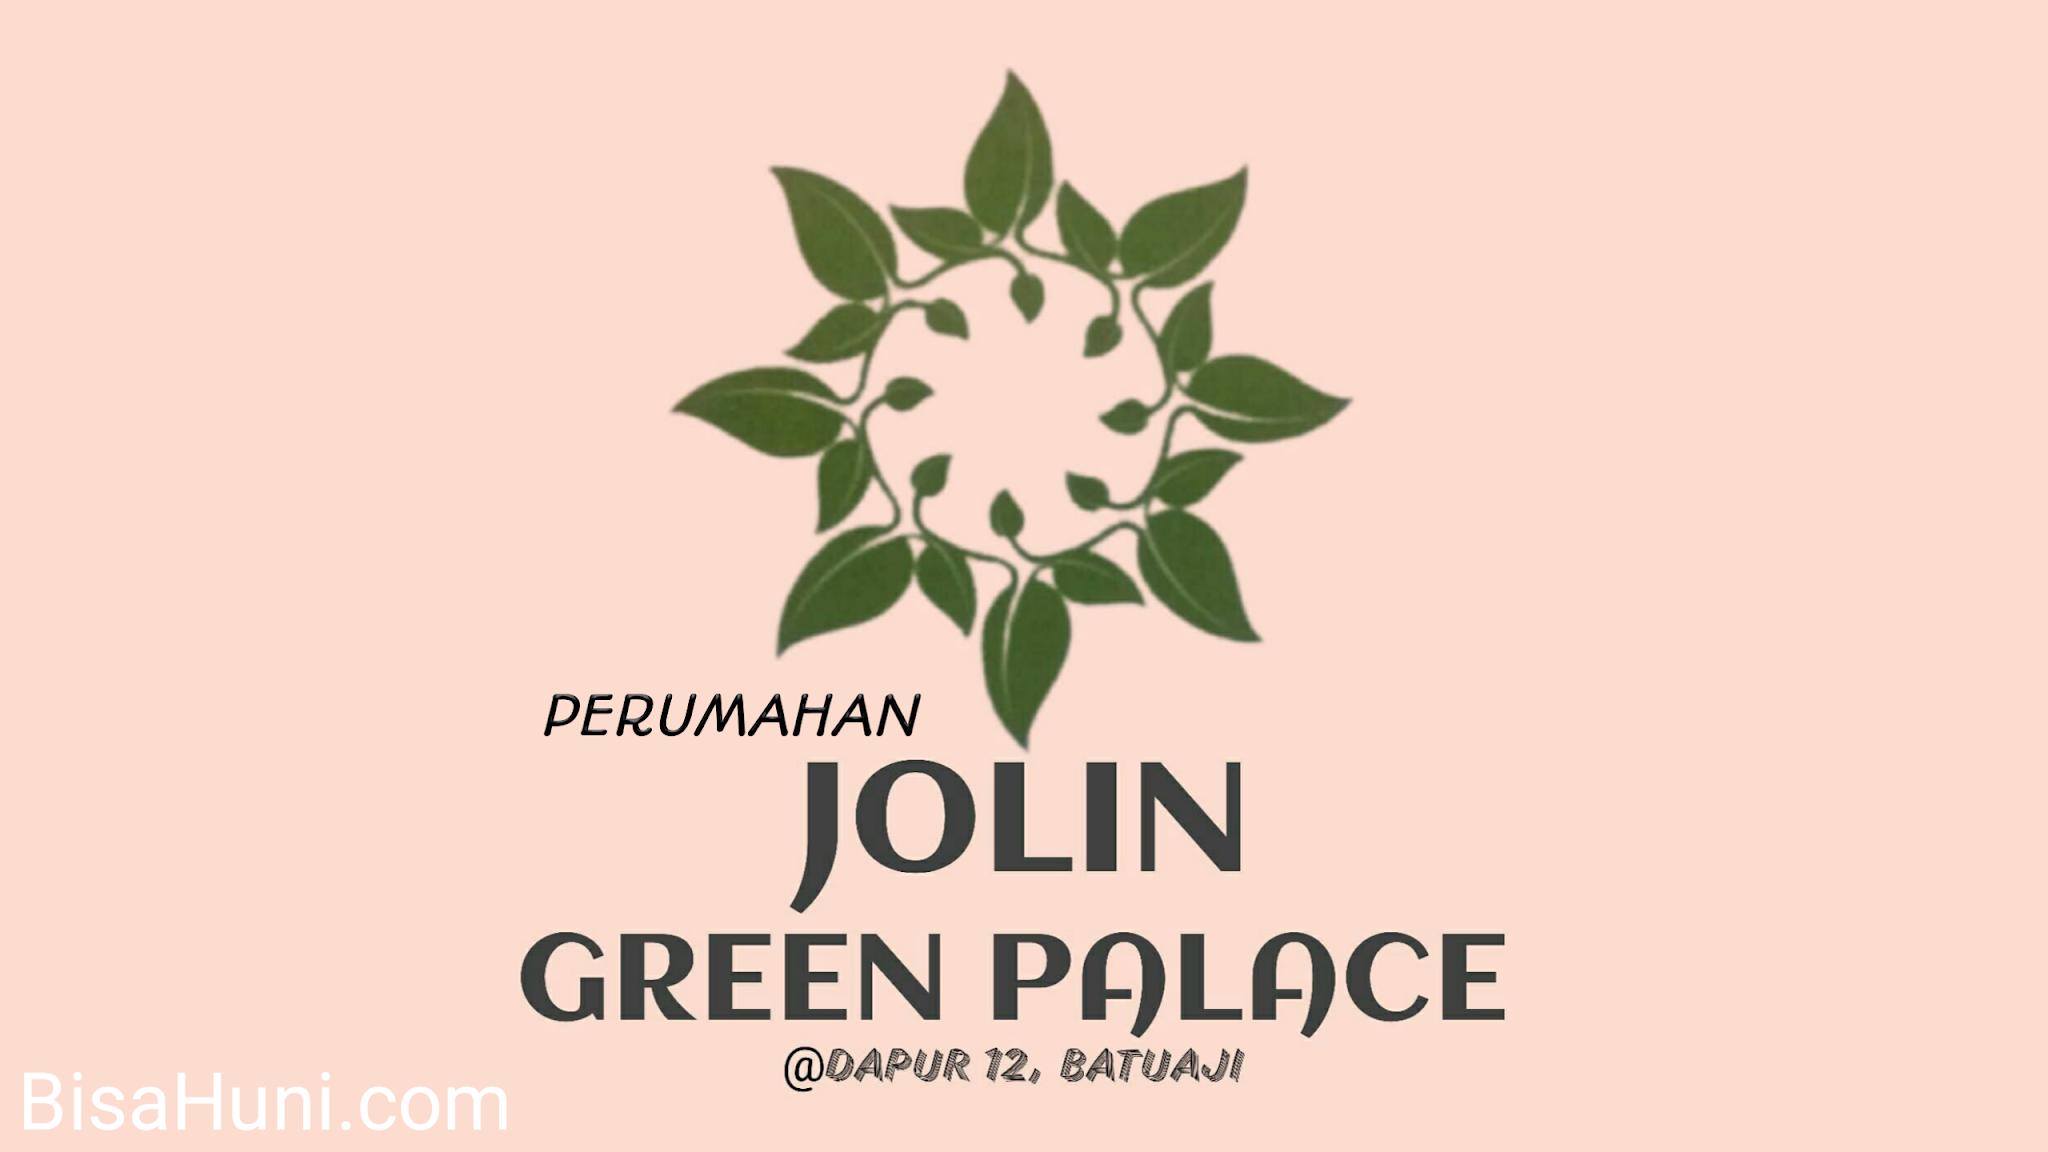 Perumahan Jolin Green Pallace